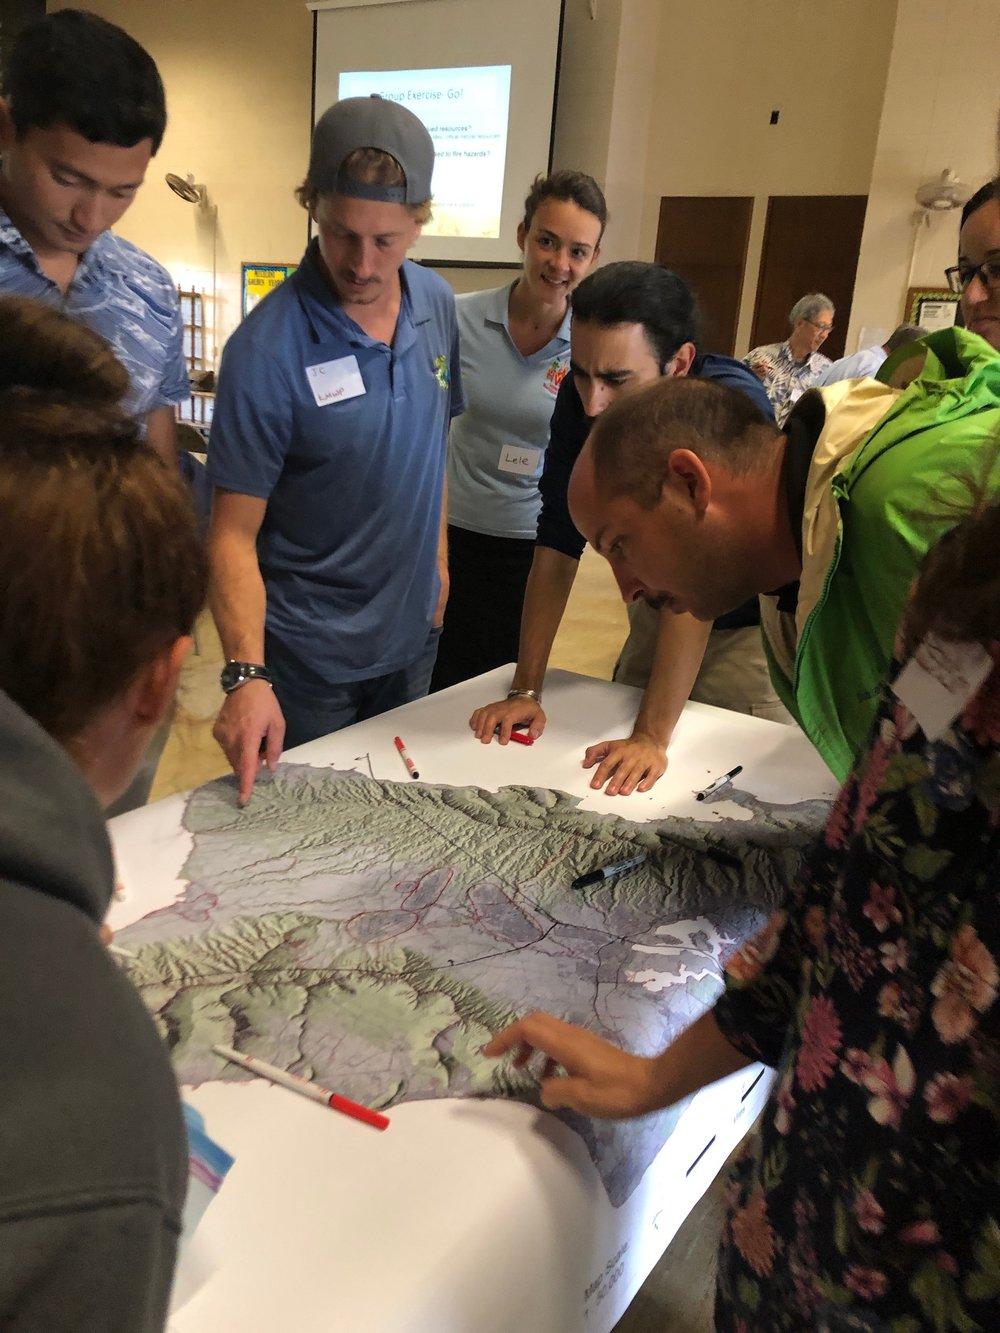 Oahu Vegetative Fuels Management Collaborative Action Planning Workshop_2_19_2019_12.jpg